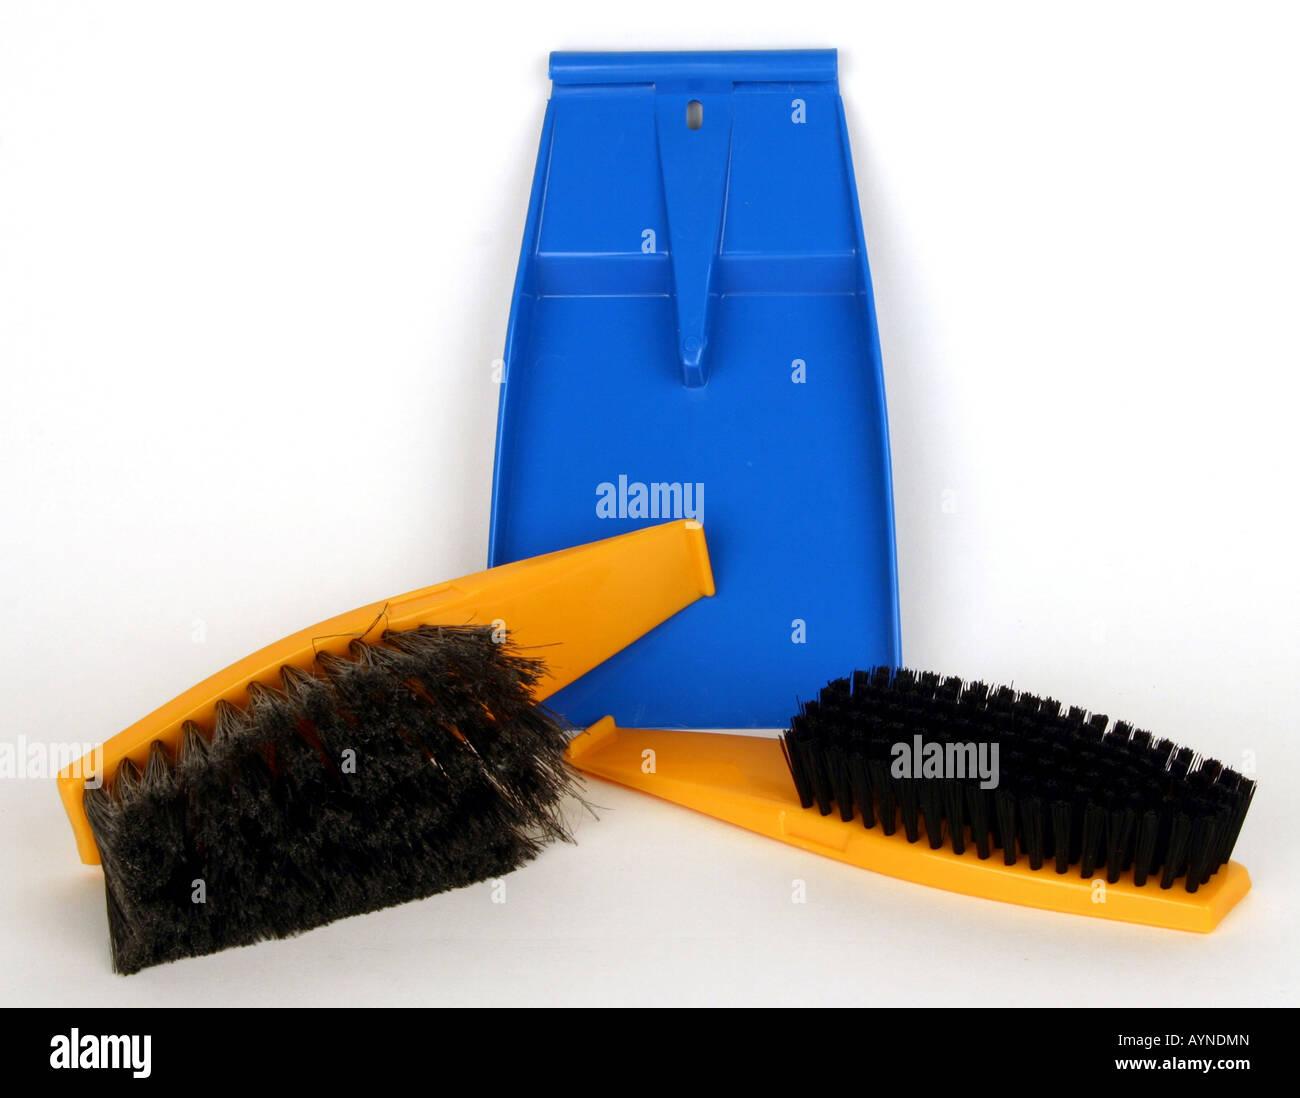 Giochi Di Pulire La Casa casa famiglia appliences, pulizia sintetica set di